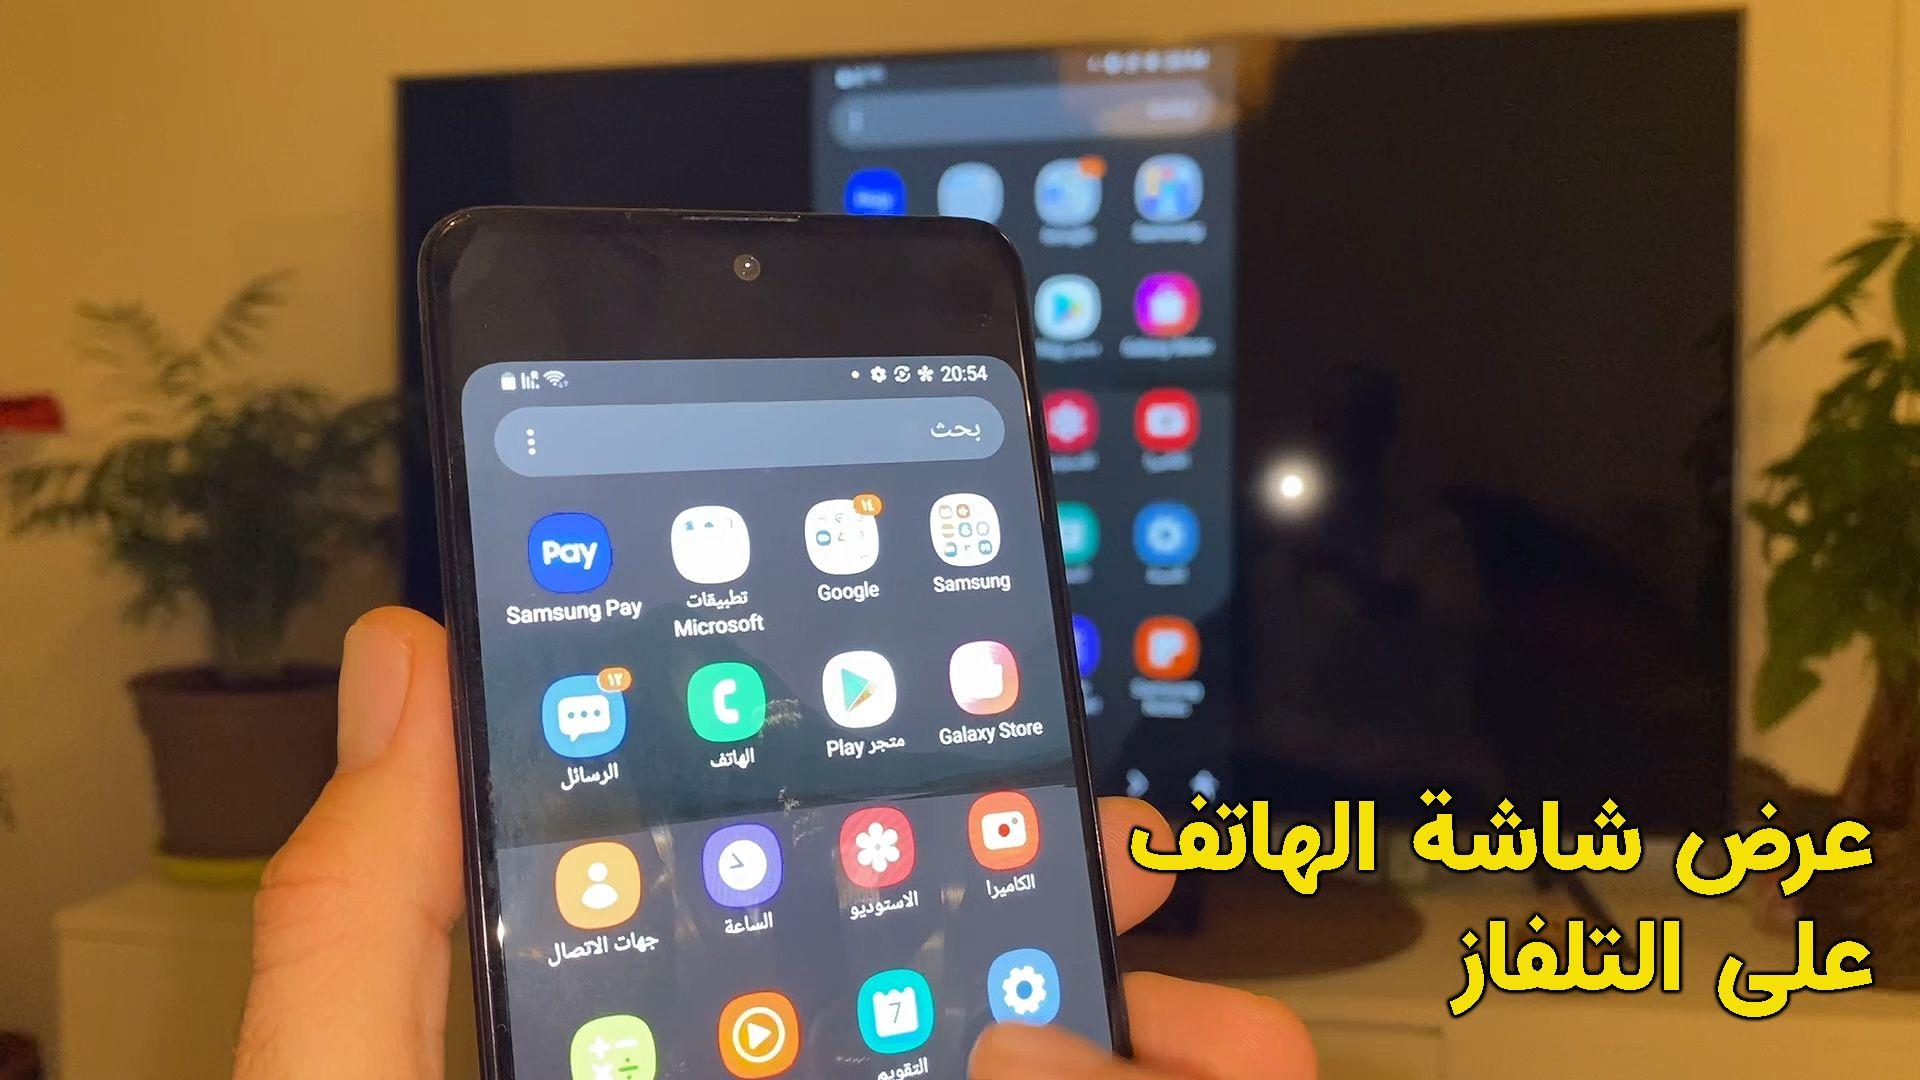 كيفية عرض شاشة الجوال على التلفاز بطريقة سهلة Galaxy Phone Samsung Galaxy Phone Samsung Galaxy